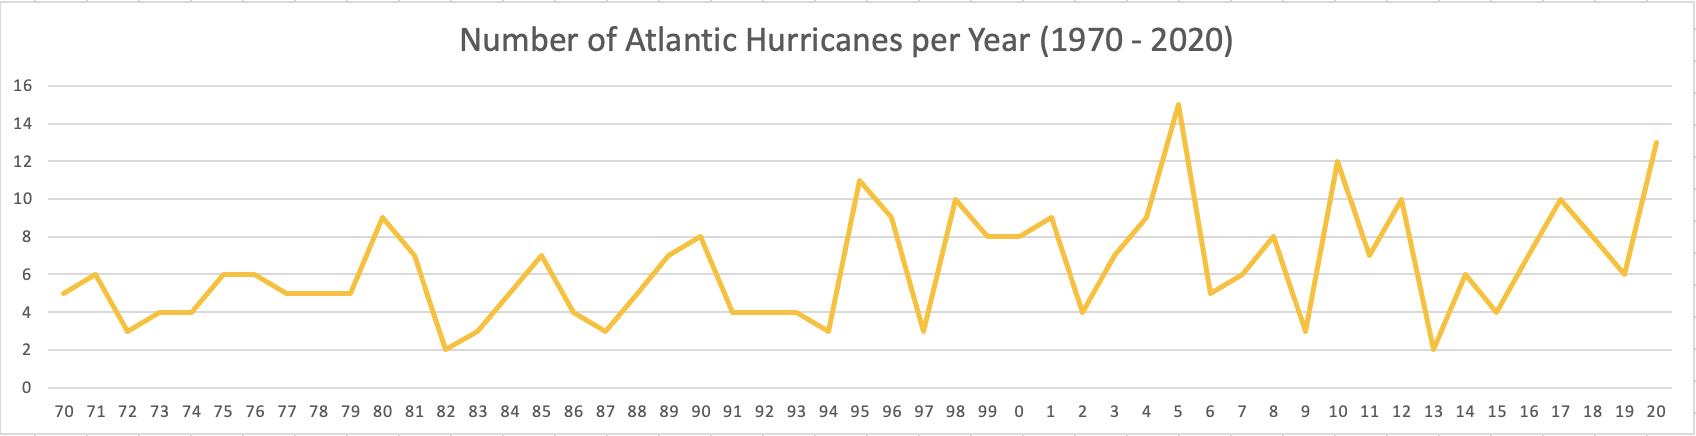 Atlantic Hurricanes per year 1970-2020